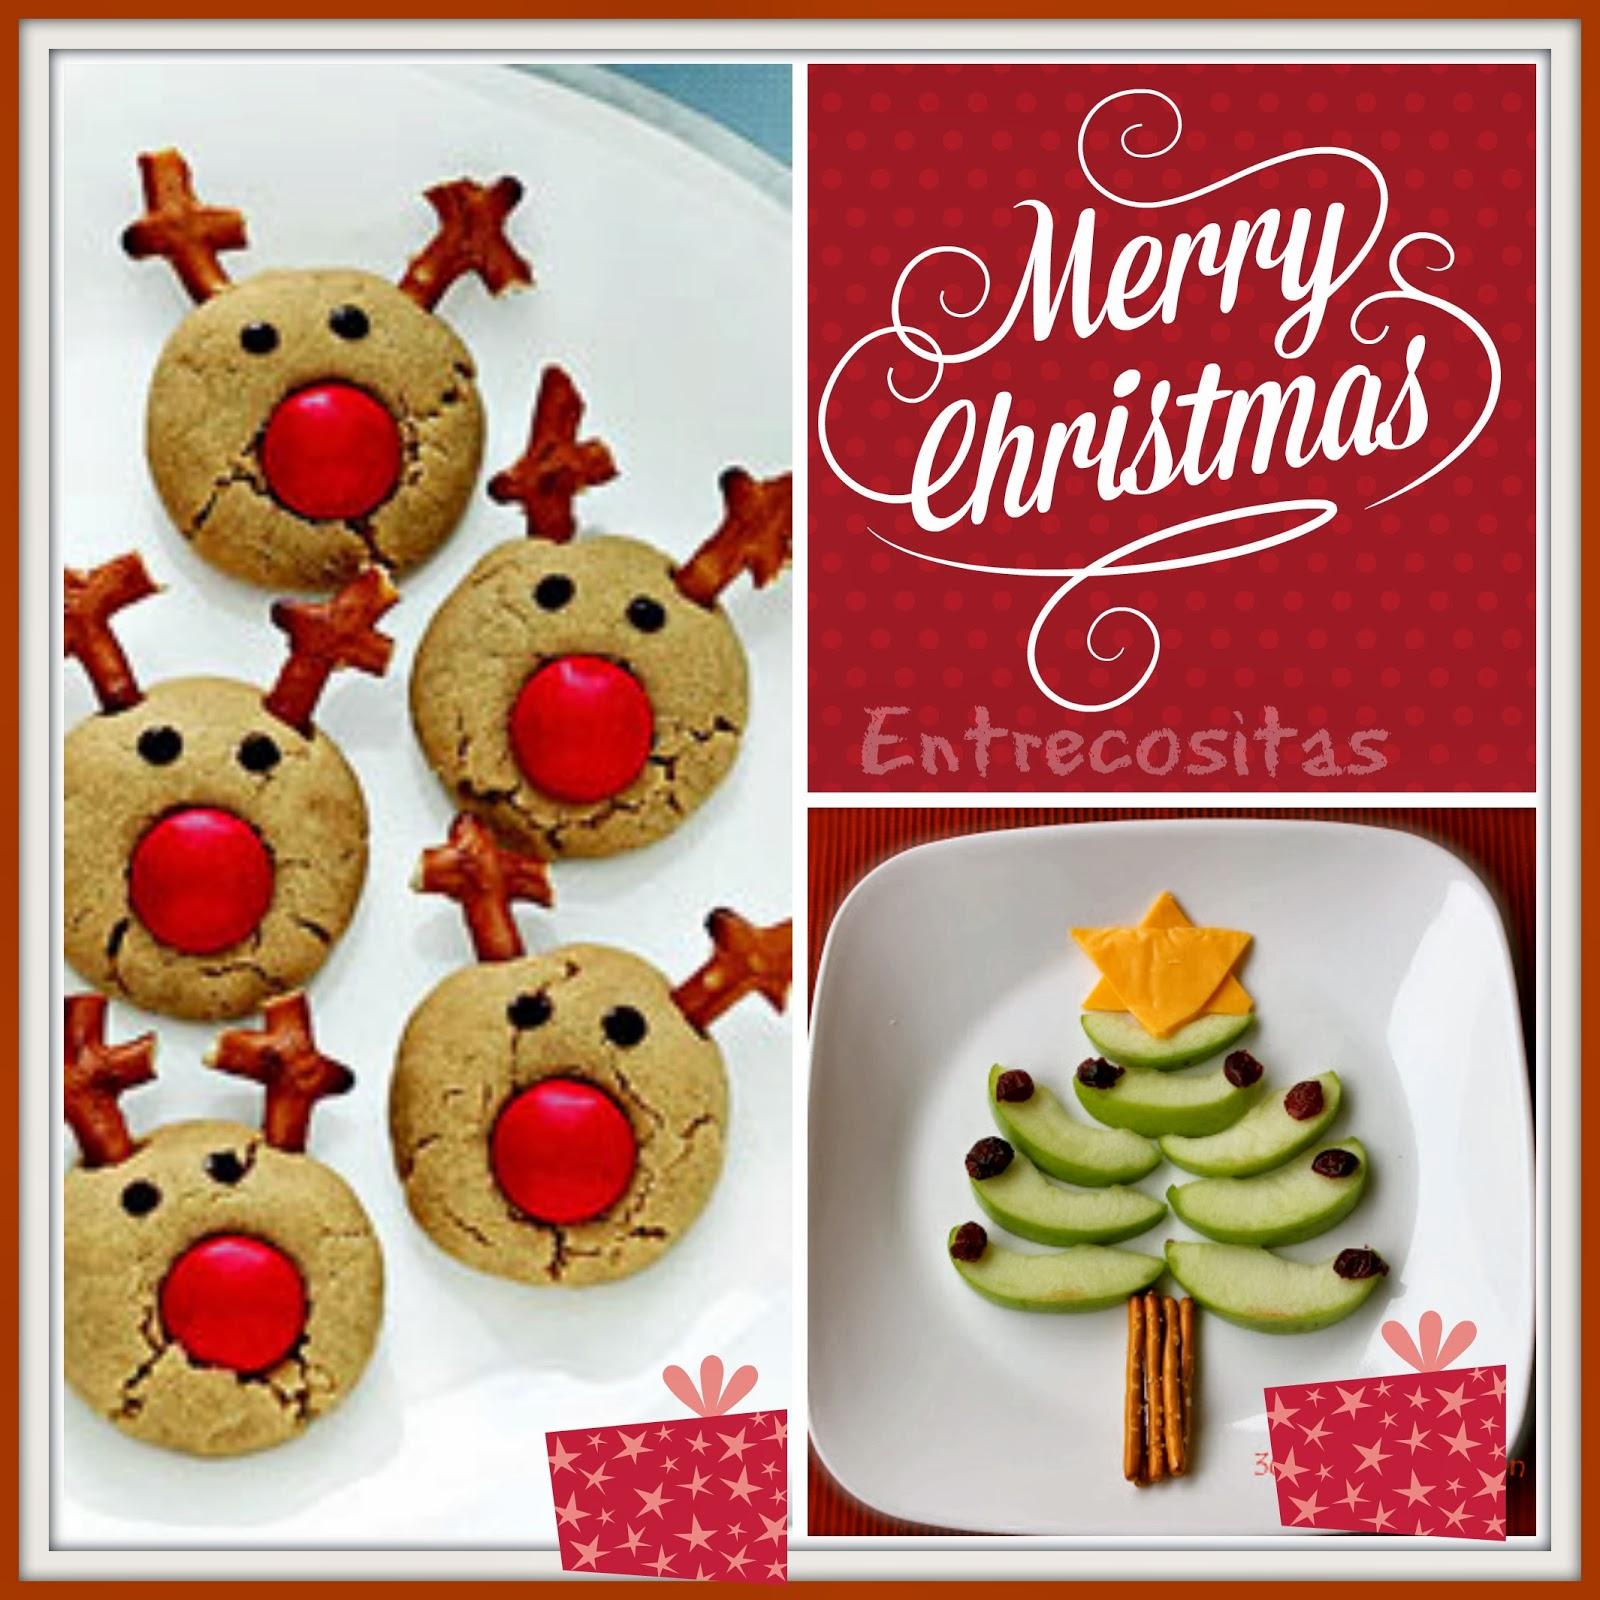 vamos a tener estos das previos a la navidad un montn de diversin creando comidas navideas con los nios